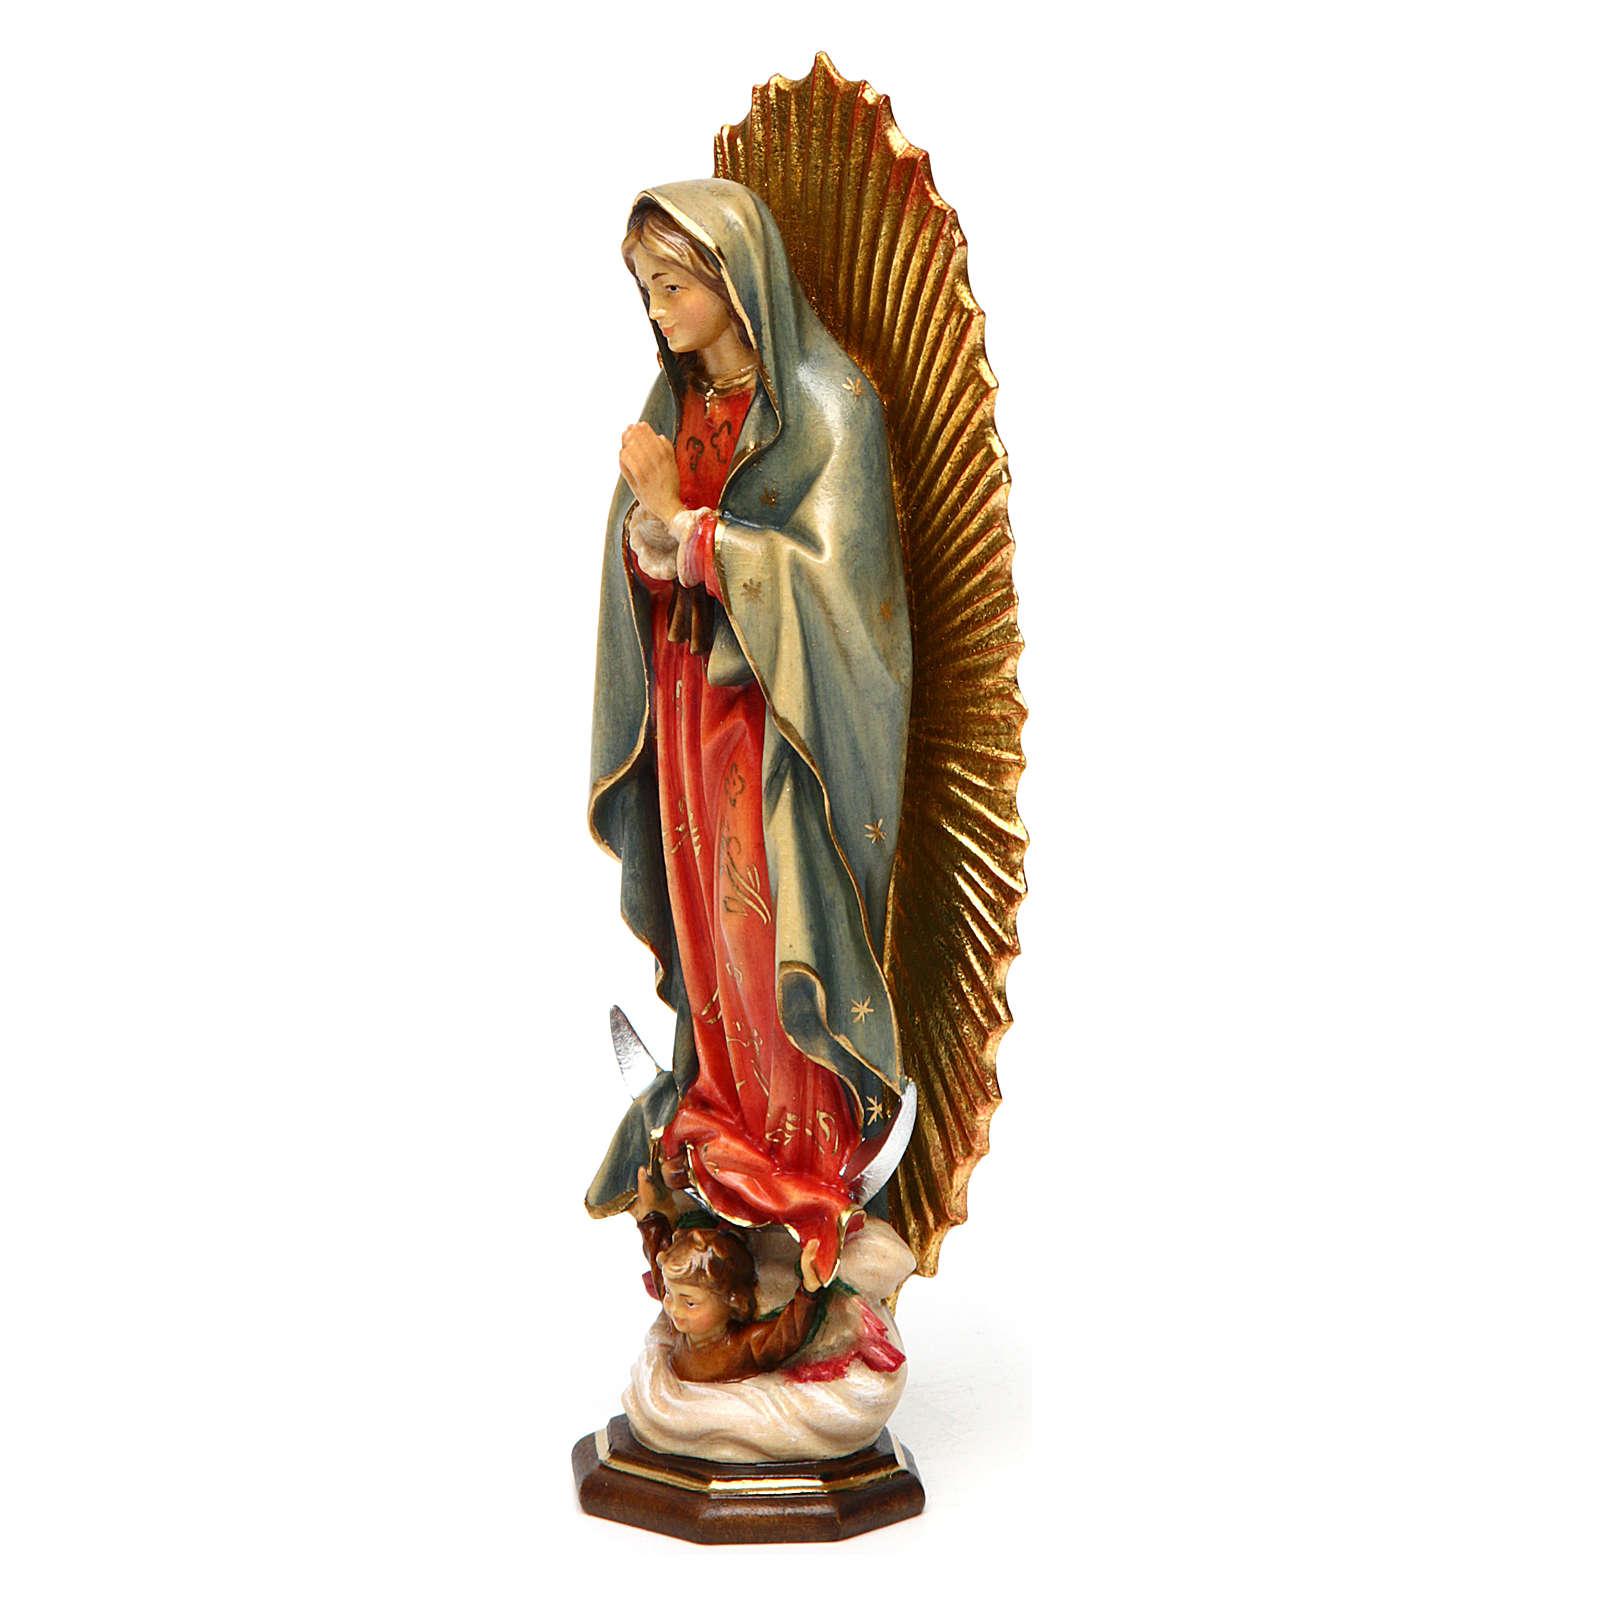 Imagen Nuestra Señora de Guadalupe Madera Pintada Val Gardena 4